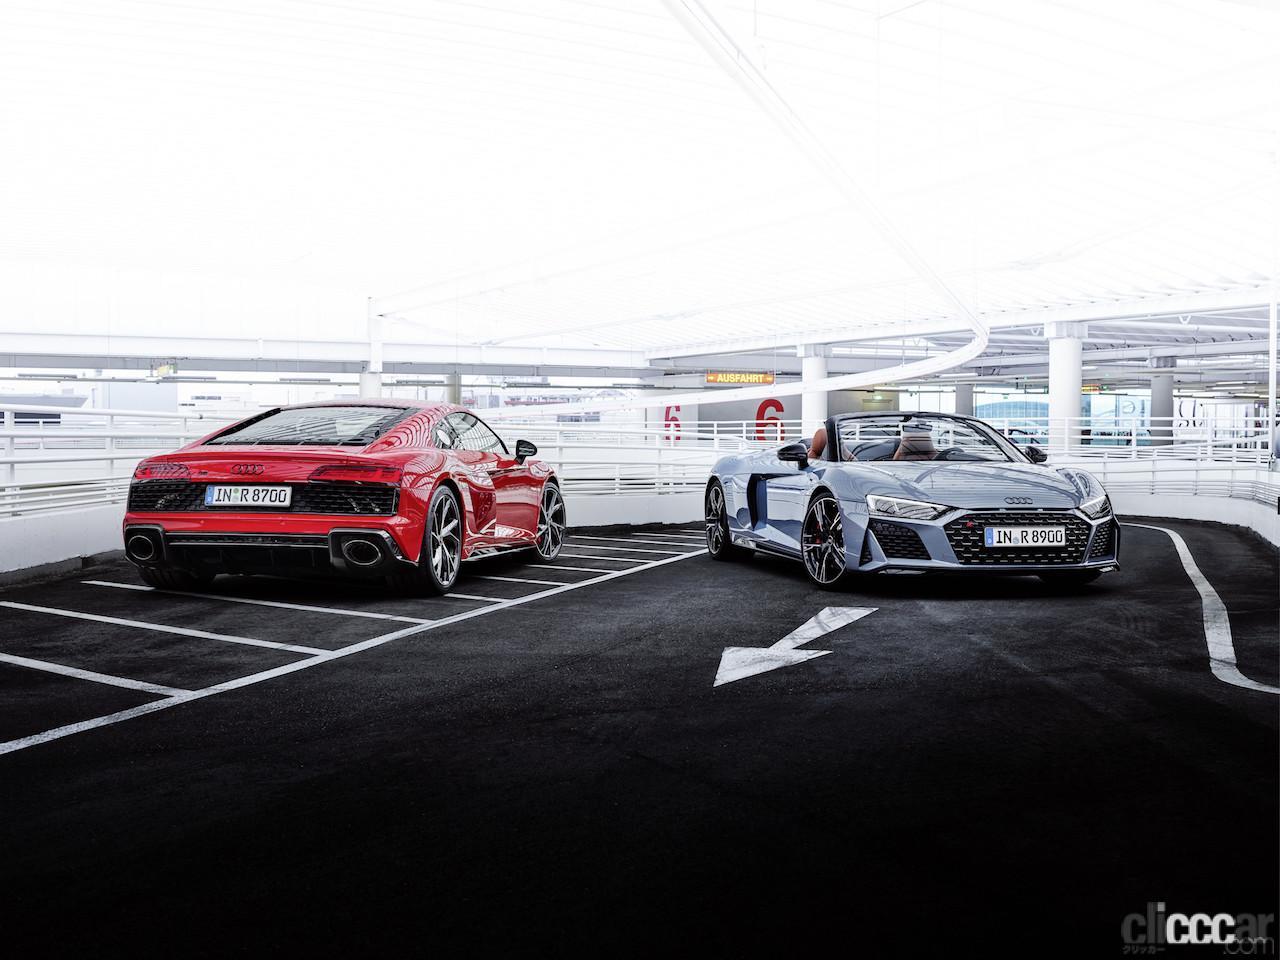 アウディR8の後輪駆動モデル「Audi R8 V10 performance RWD」は、クーペとスパイダーを設定